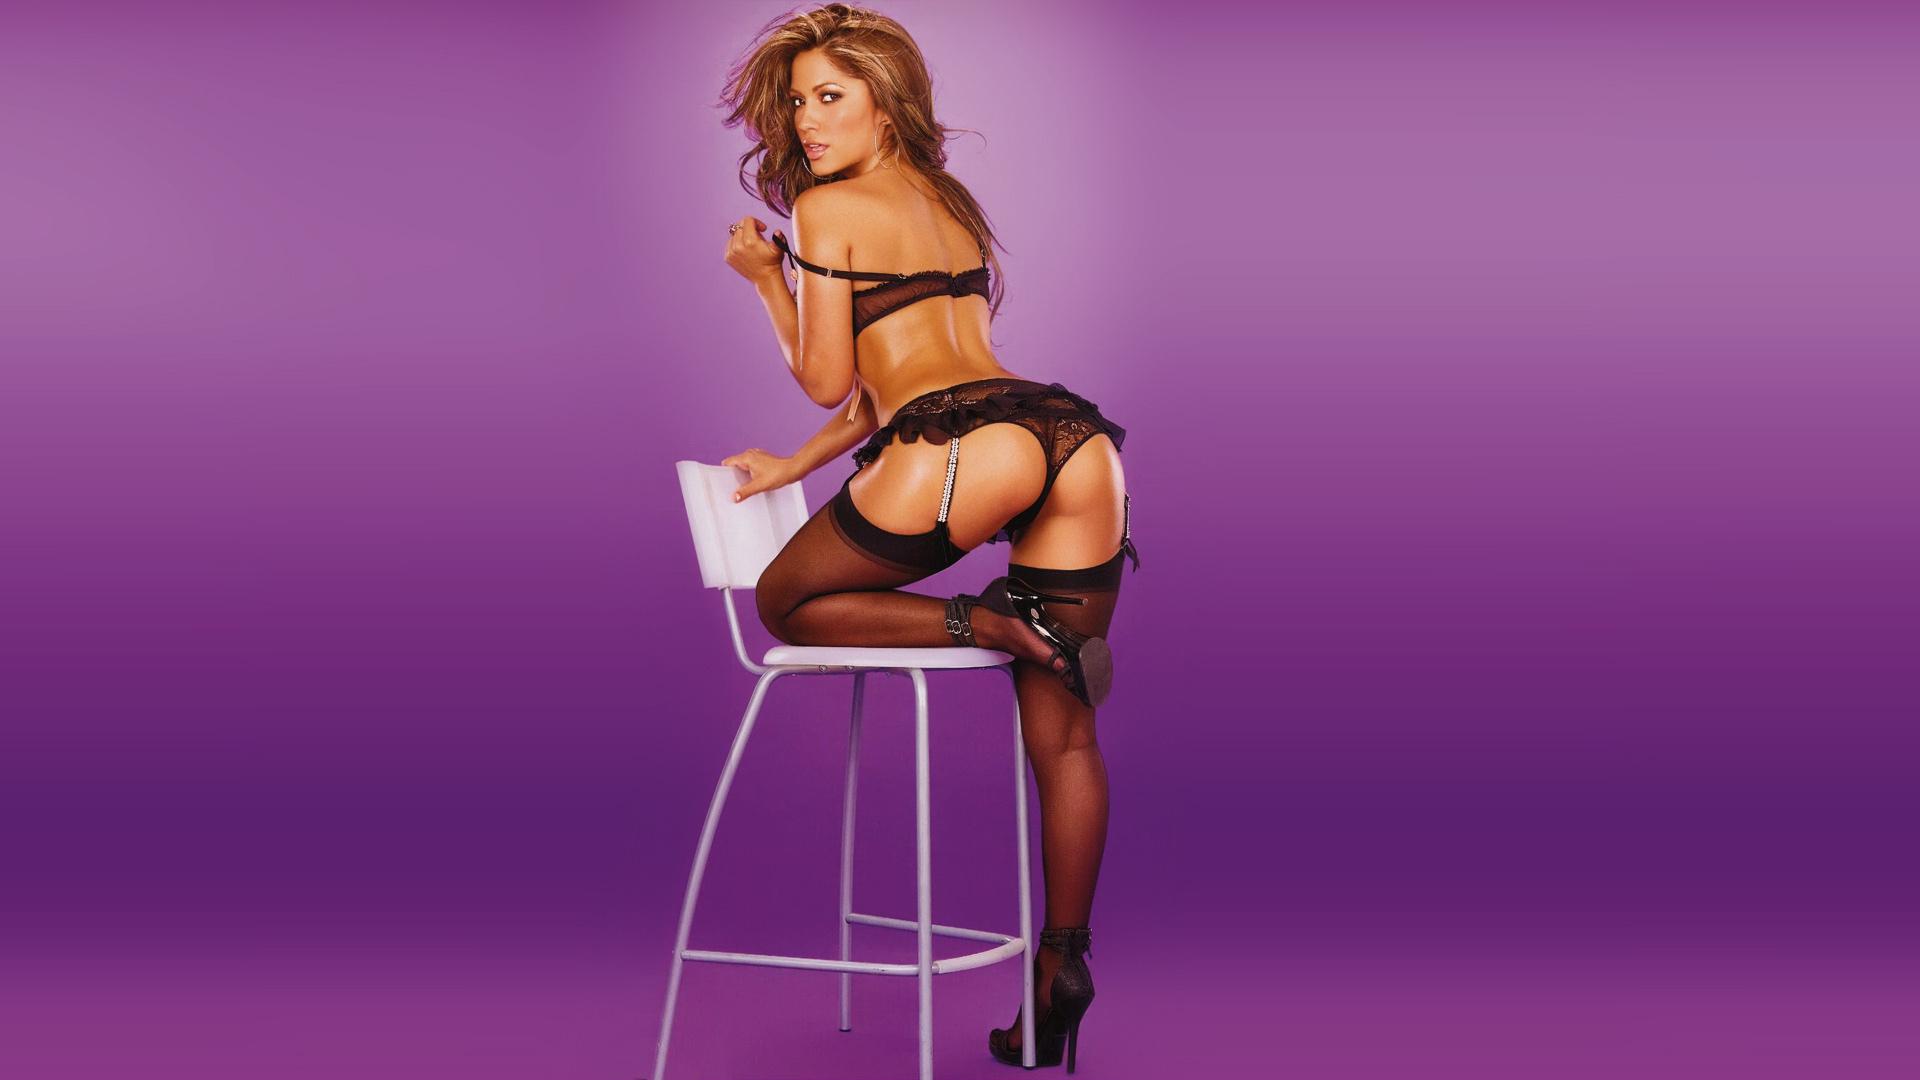 Секси женщина на стуле фото смотреть 16 фотография